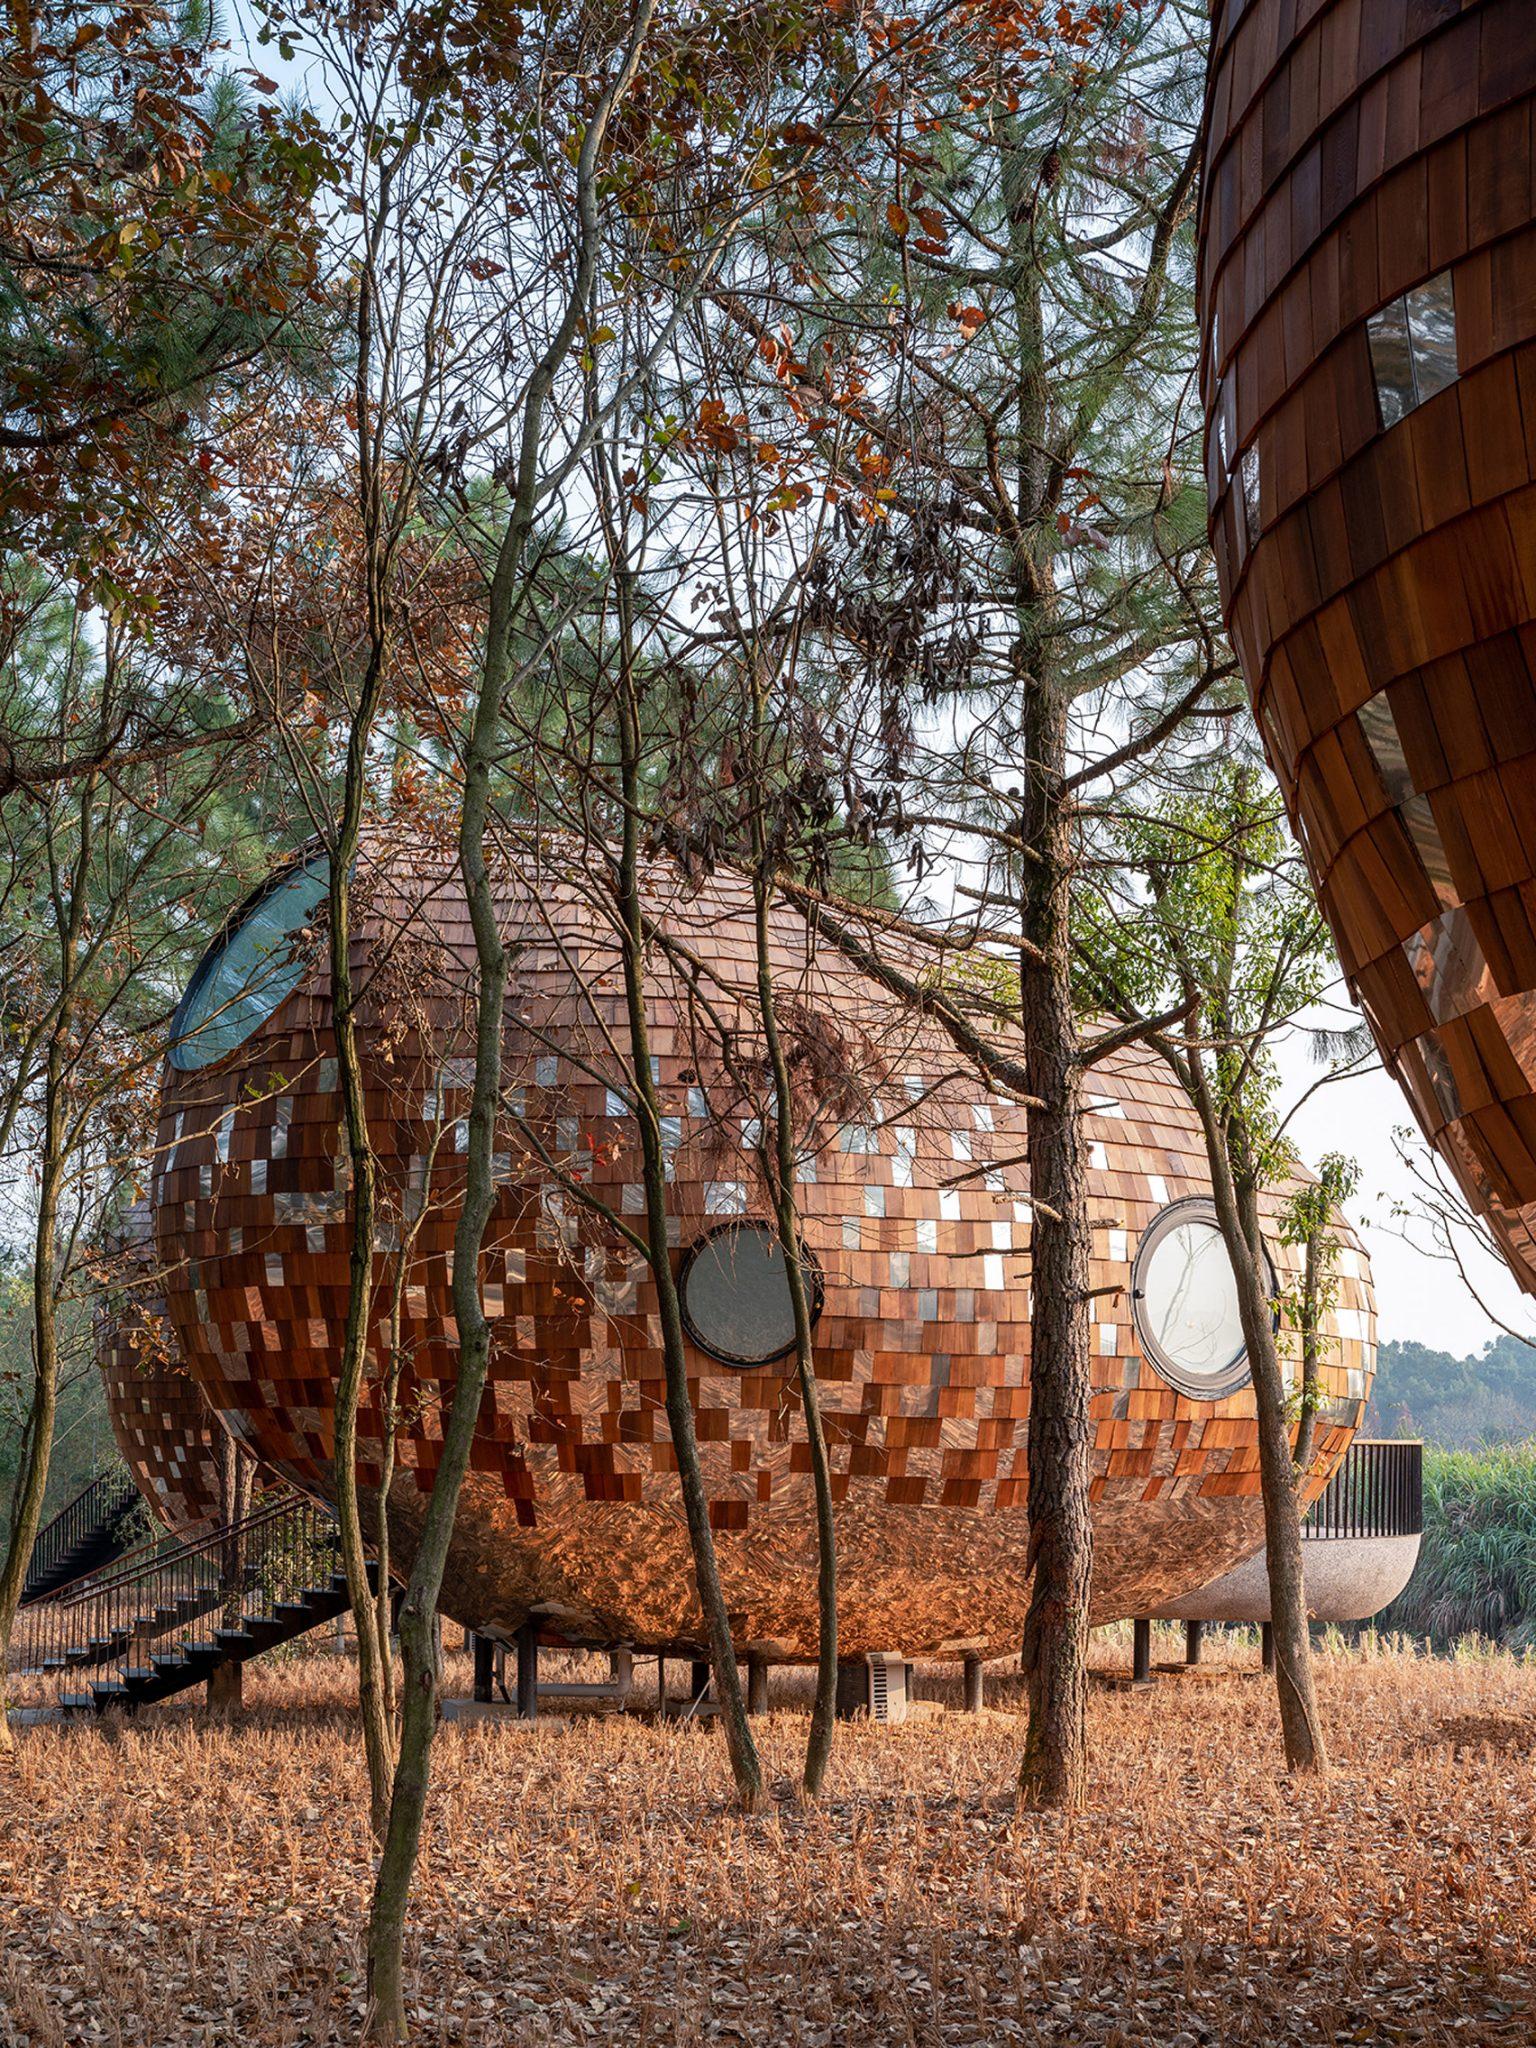 Floresta na China é repleta de cabanas em forma de semente